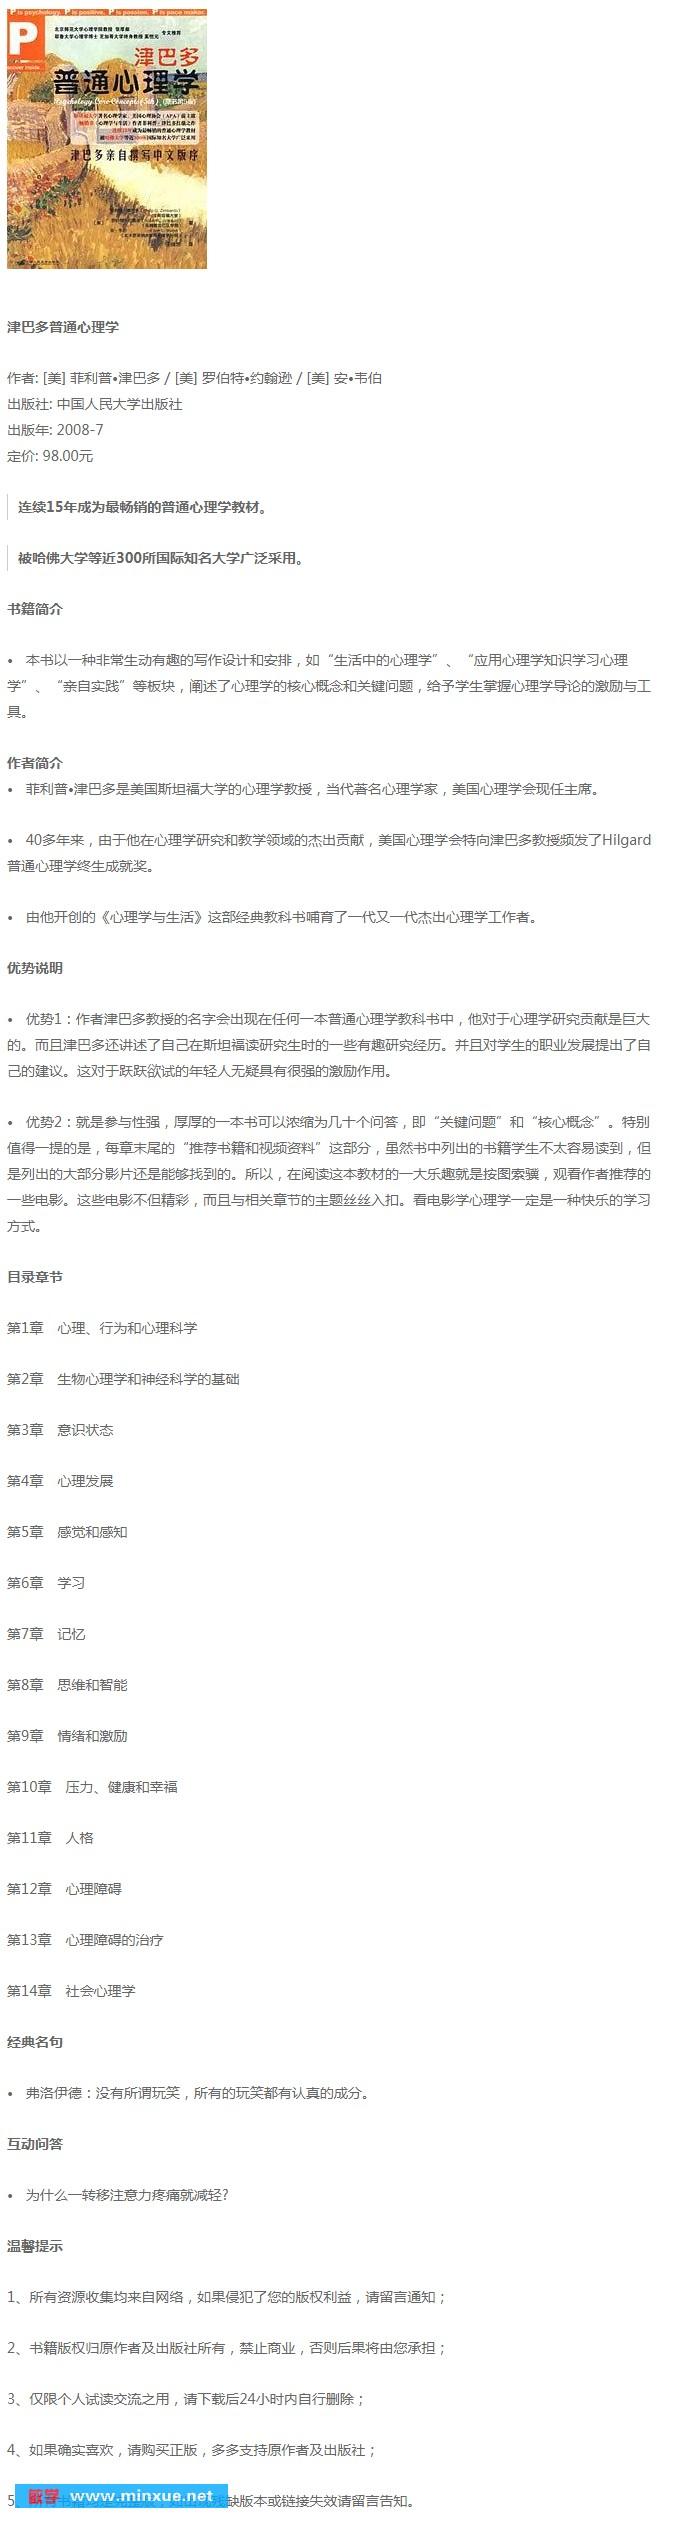 《津巴多普通心理学》PDF电子书